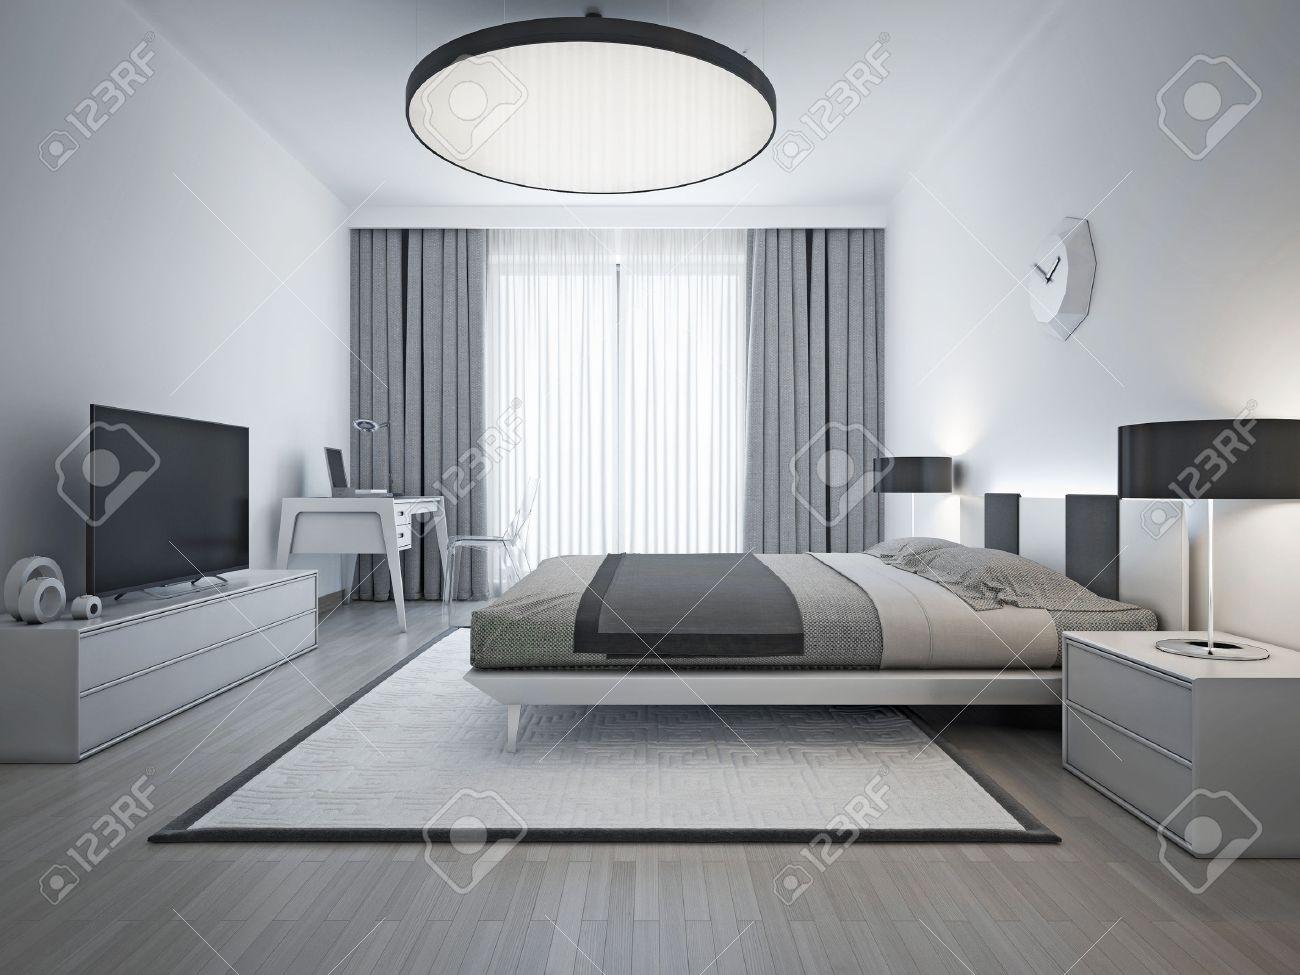 Elegantes Schlafzimmer Zeitgenössischen Stil. Monochrome Innenraum ...